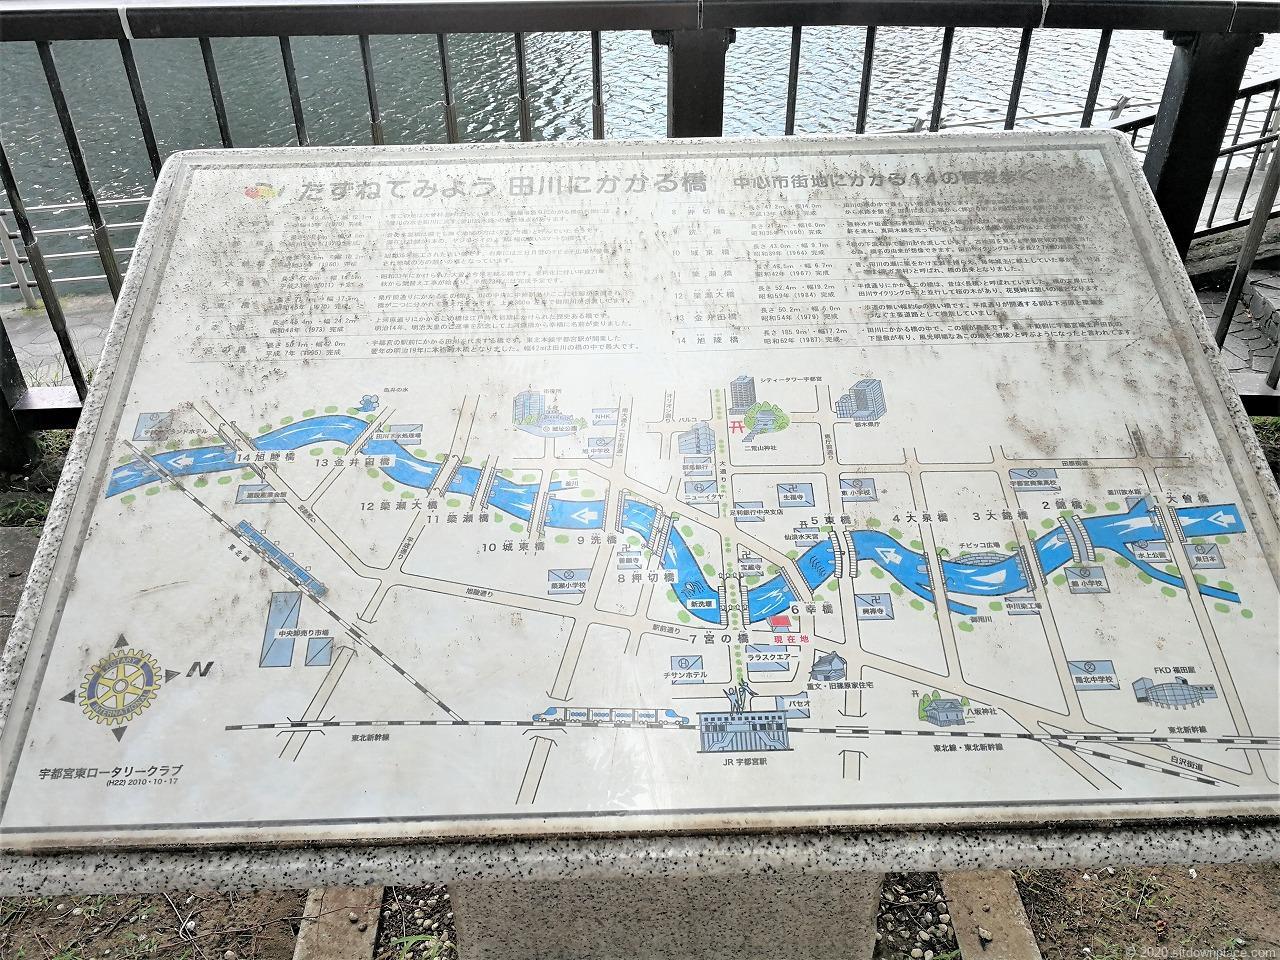 田川 奥州街道付近の休憩場所の案内図